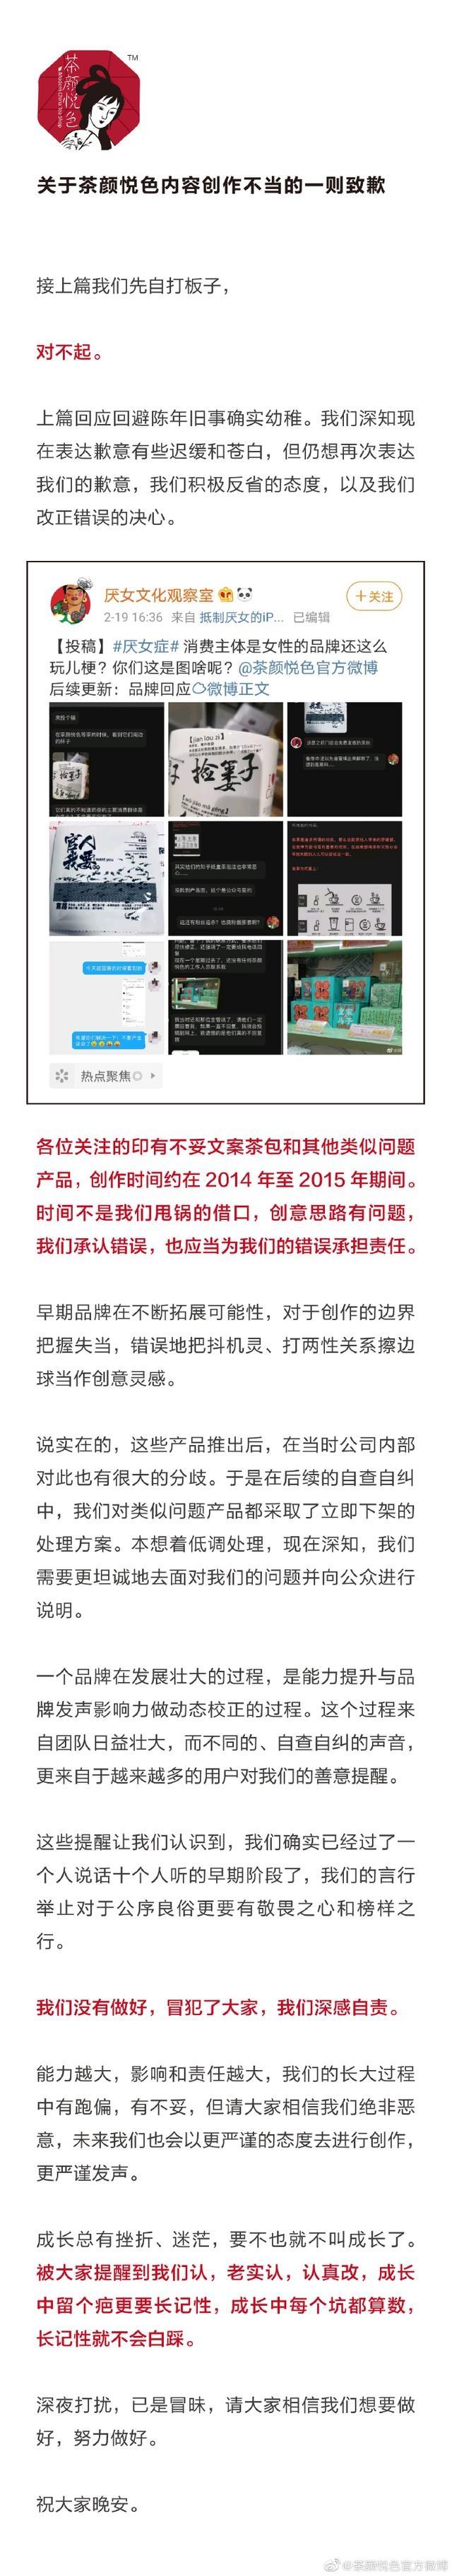 两性关系广告惹怒女性用户 网红茶迅速发布道歉声明